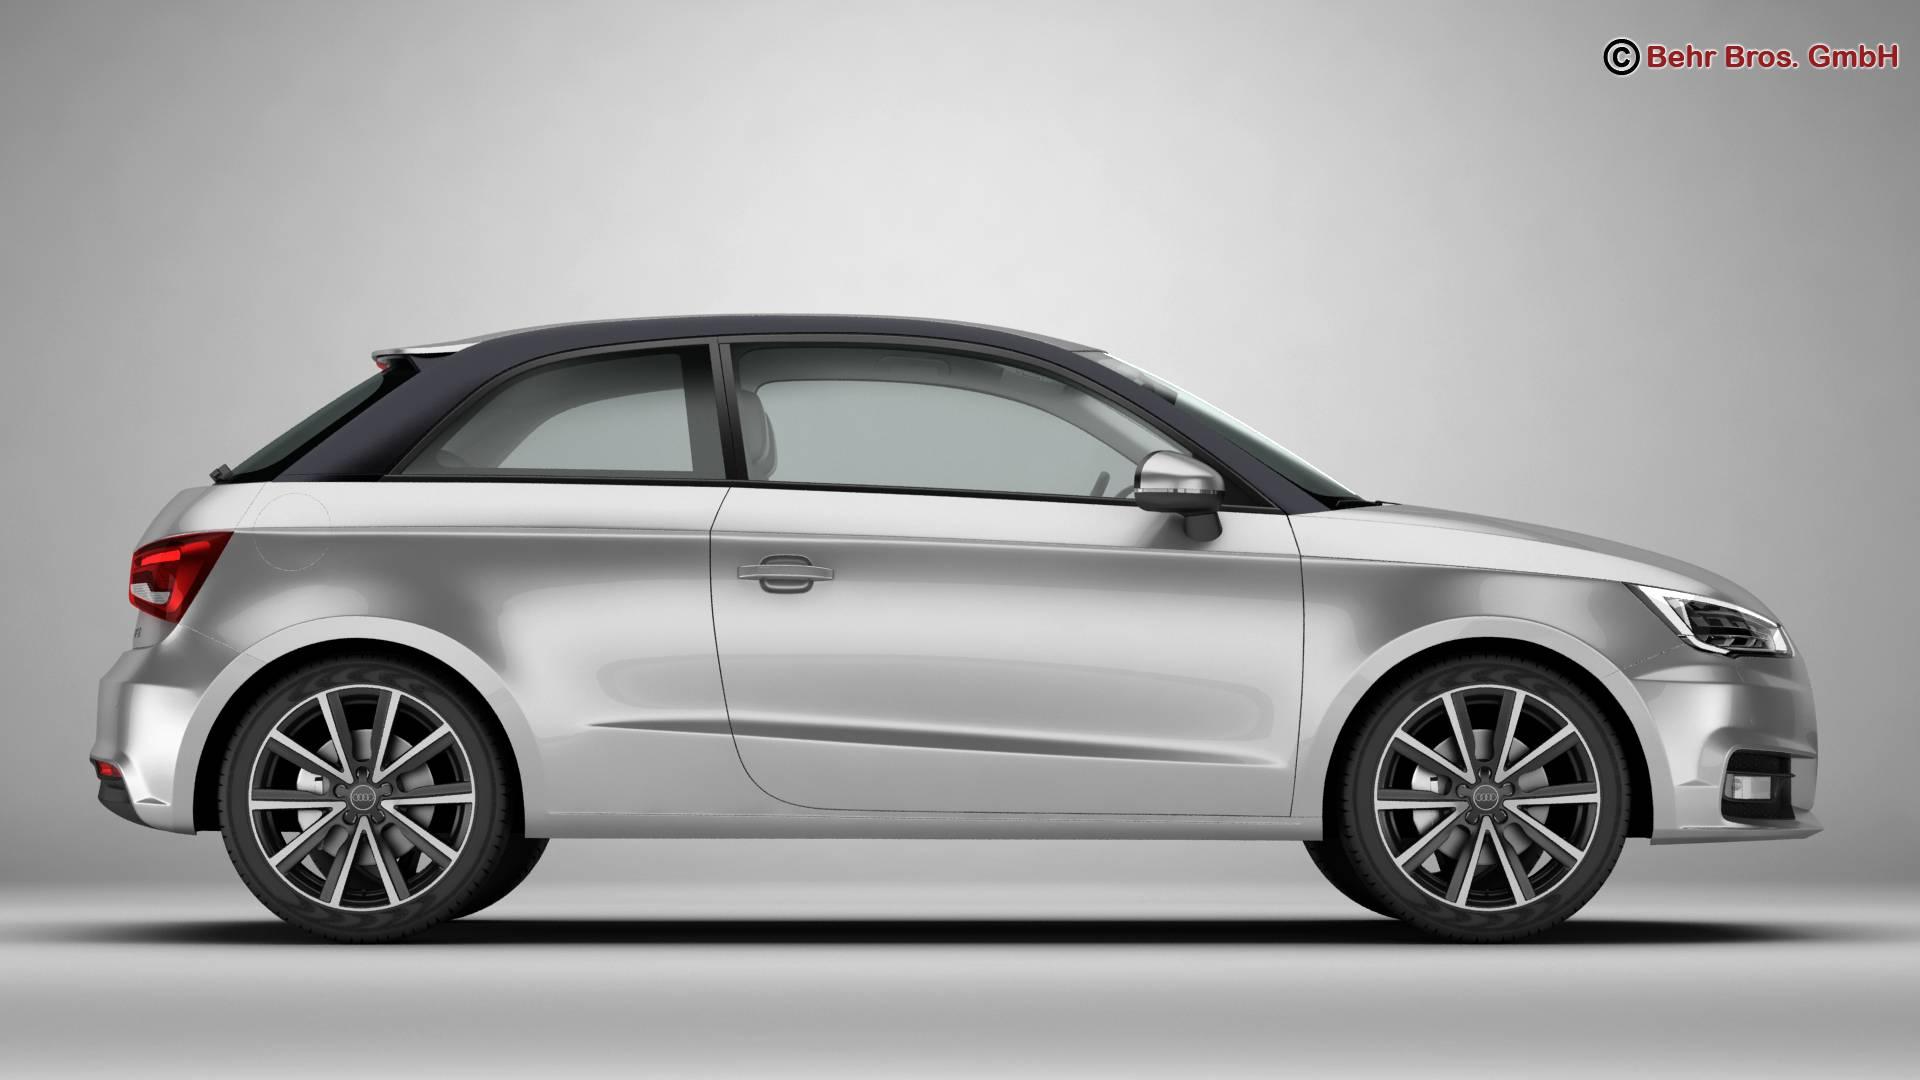 Audi a1 2015 3d model 3ds max fbx c4d am fwy o wybodaeth 214700